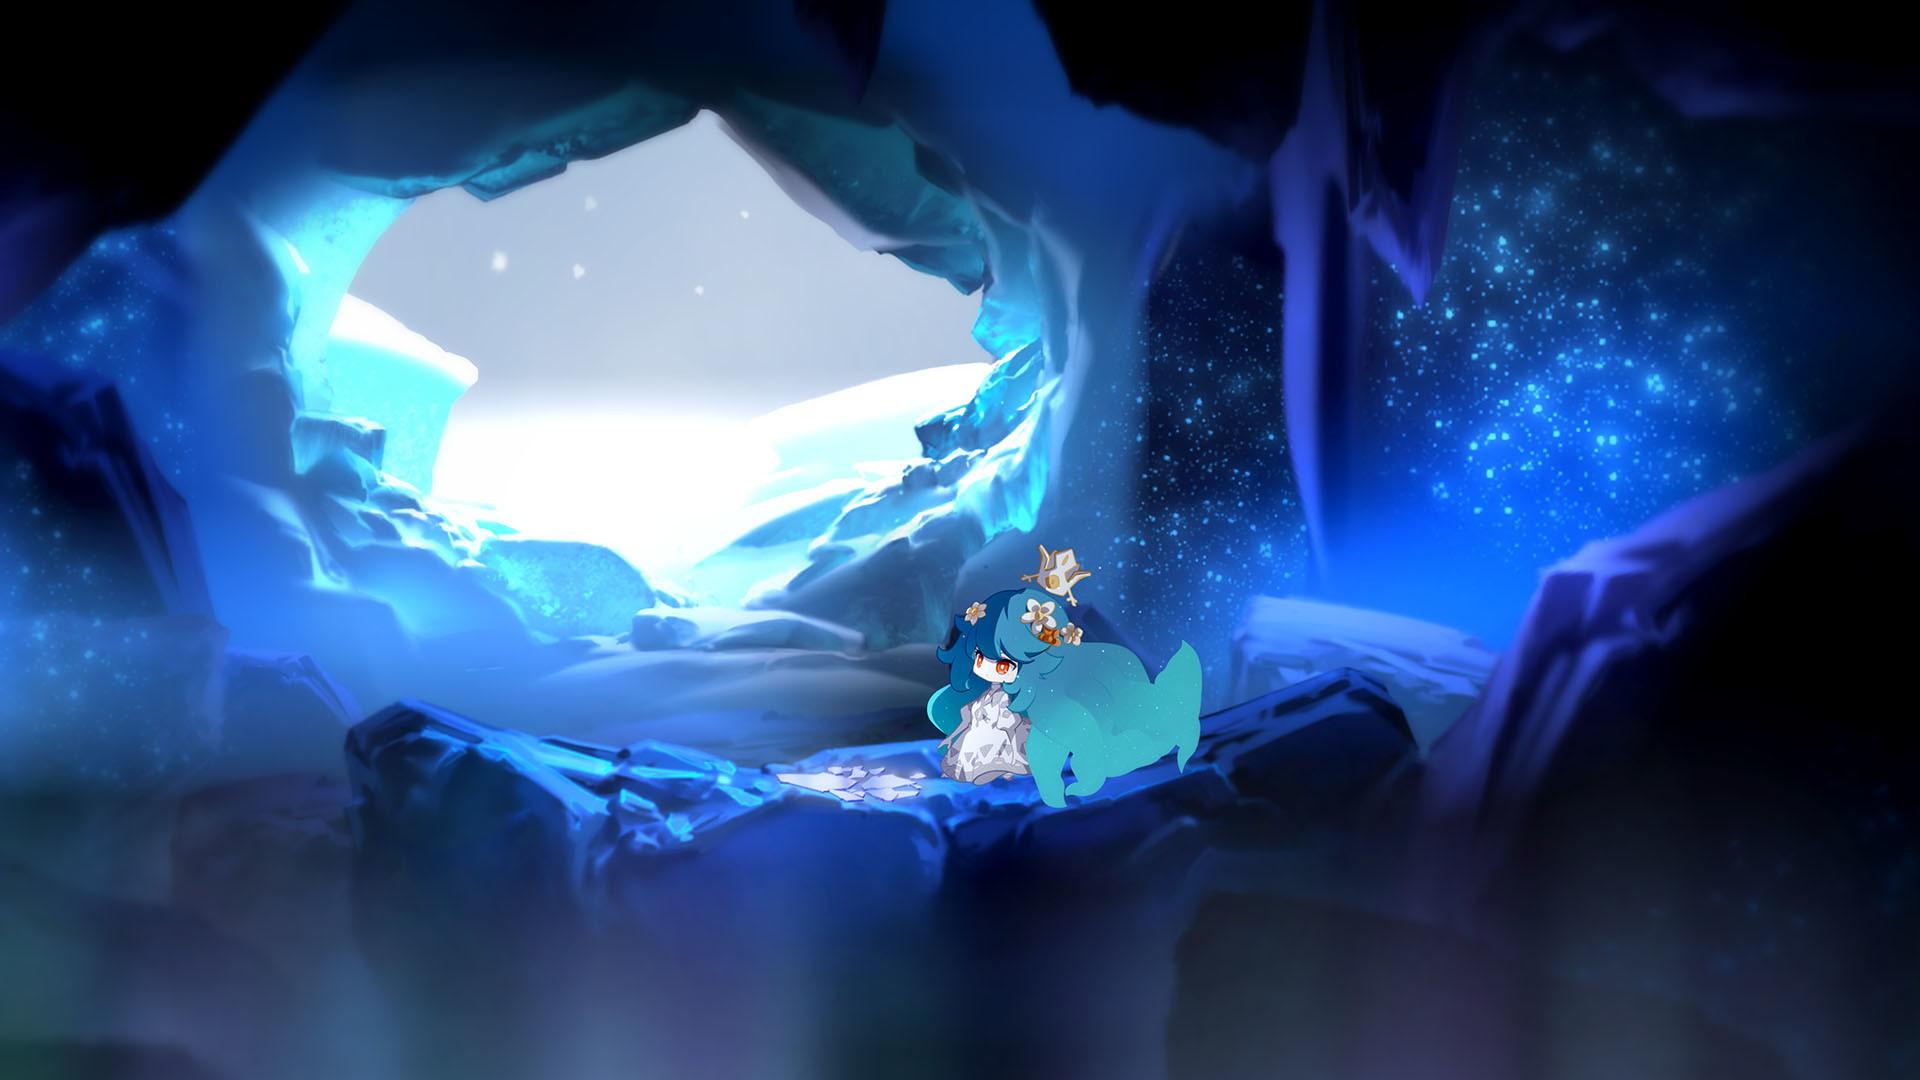 国产动作冒险游戏《微光之镜》发布最新PV 现已提供免费试玩Demo